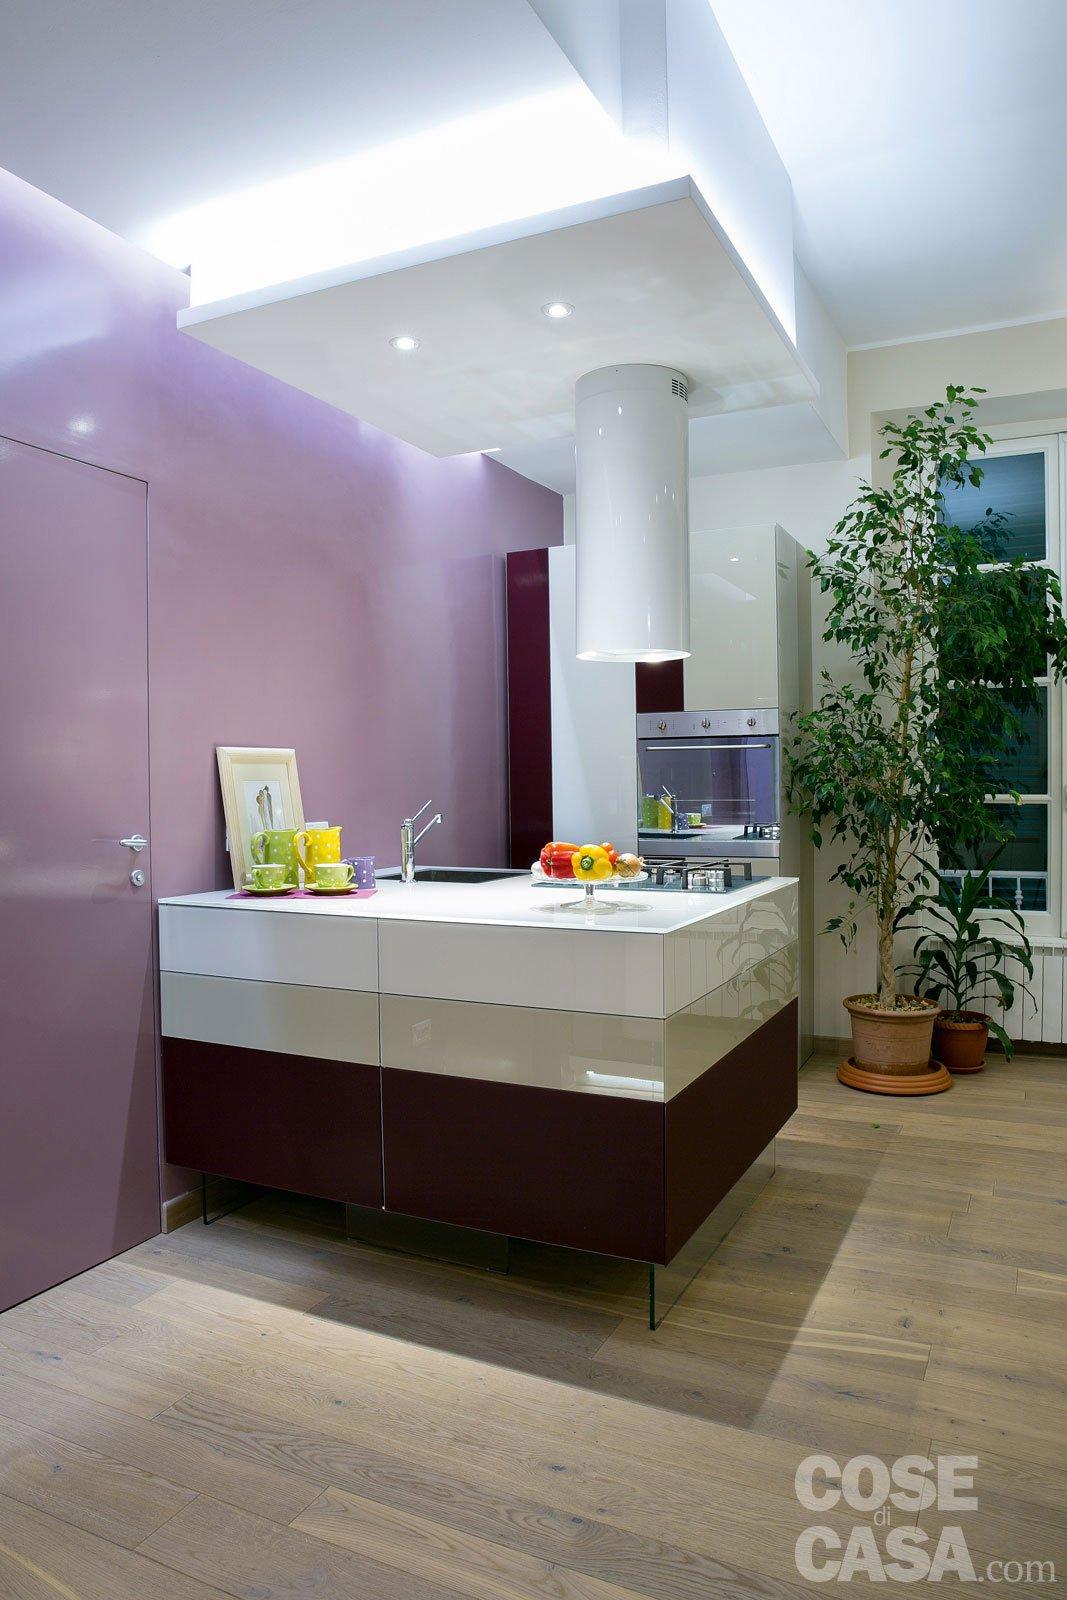 Tinteggiare casa colori di moda - Tinteggiare casa colori ...